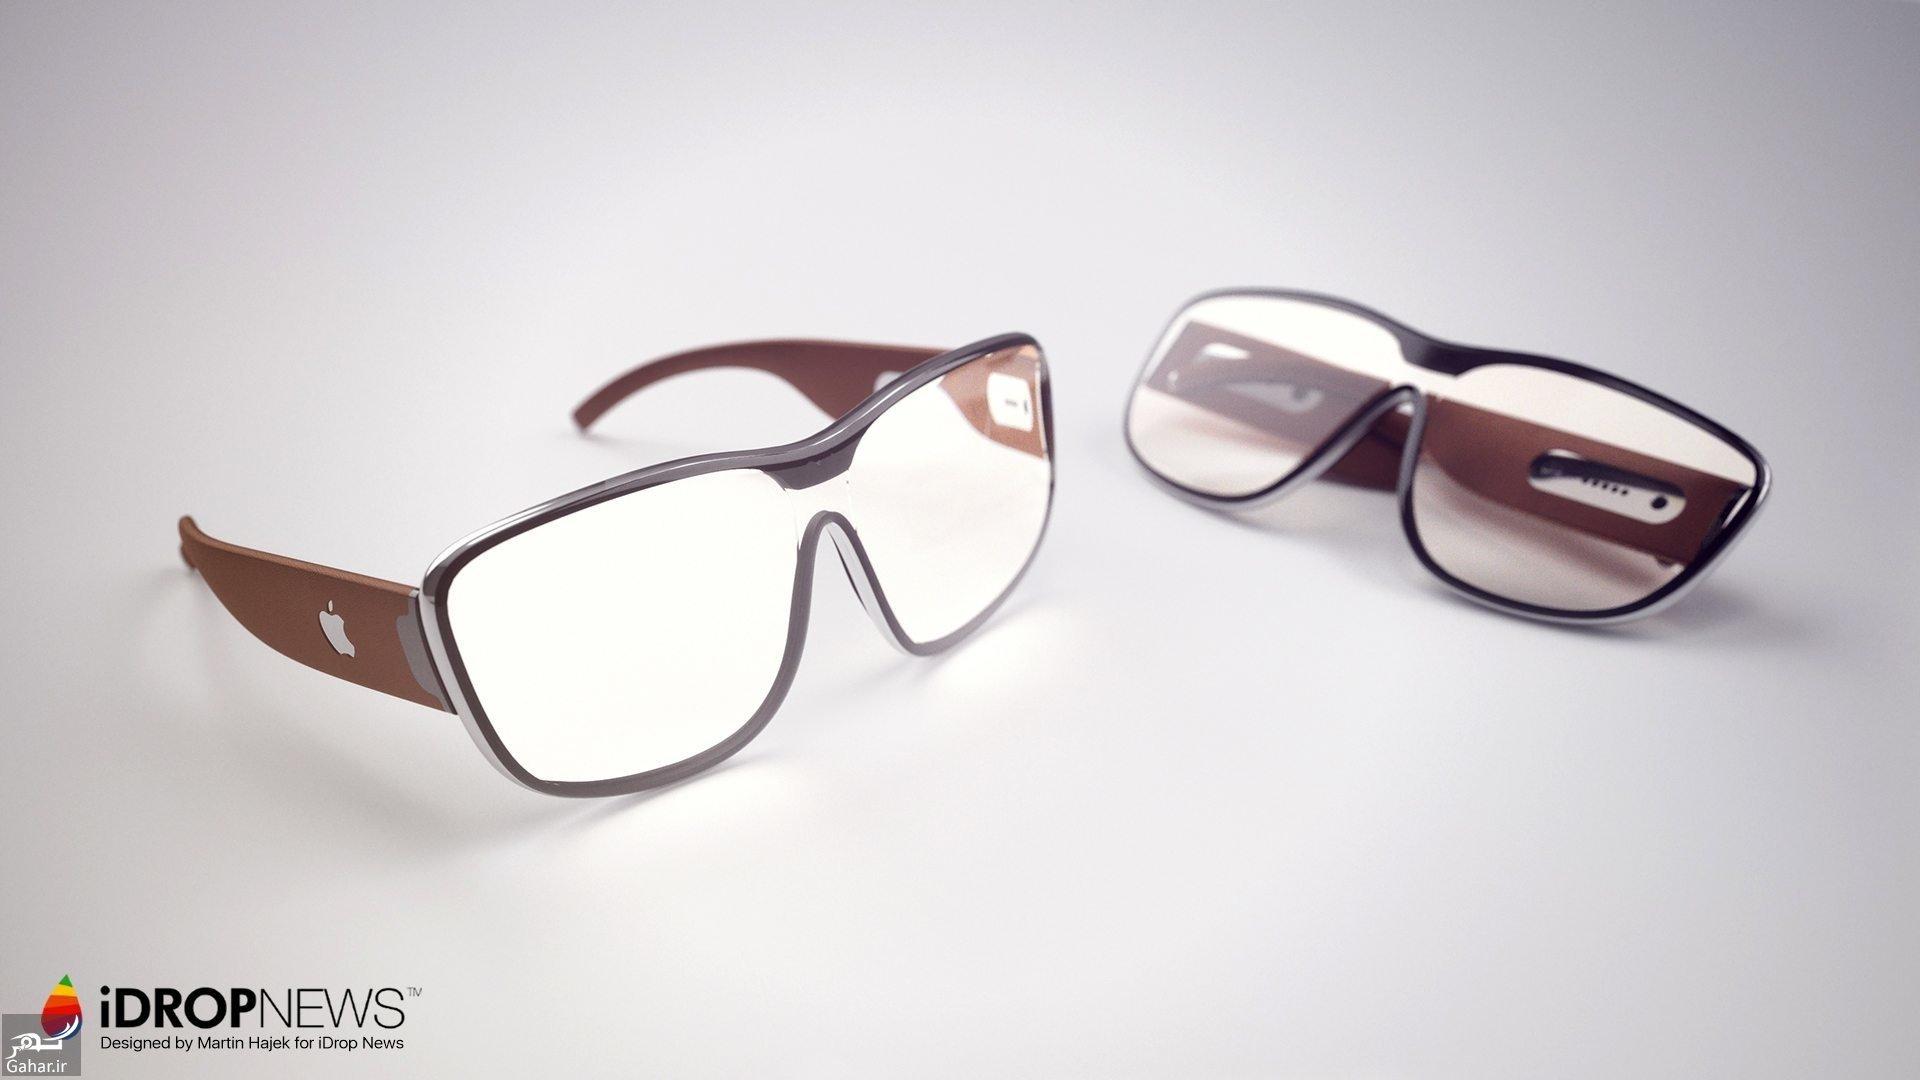 9611 48t3620 رونمایی از عینک هوشمند اپل + عکس